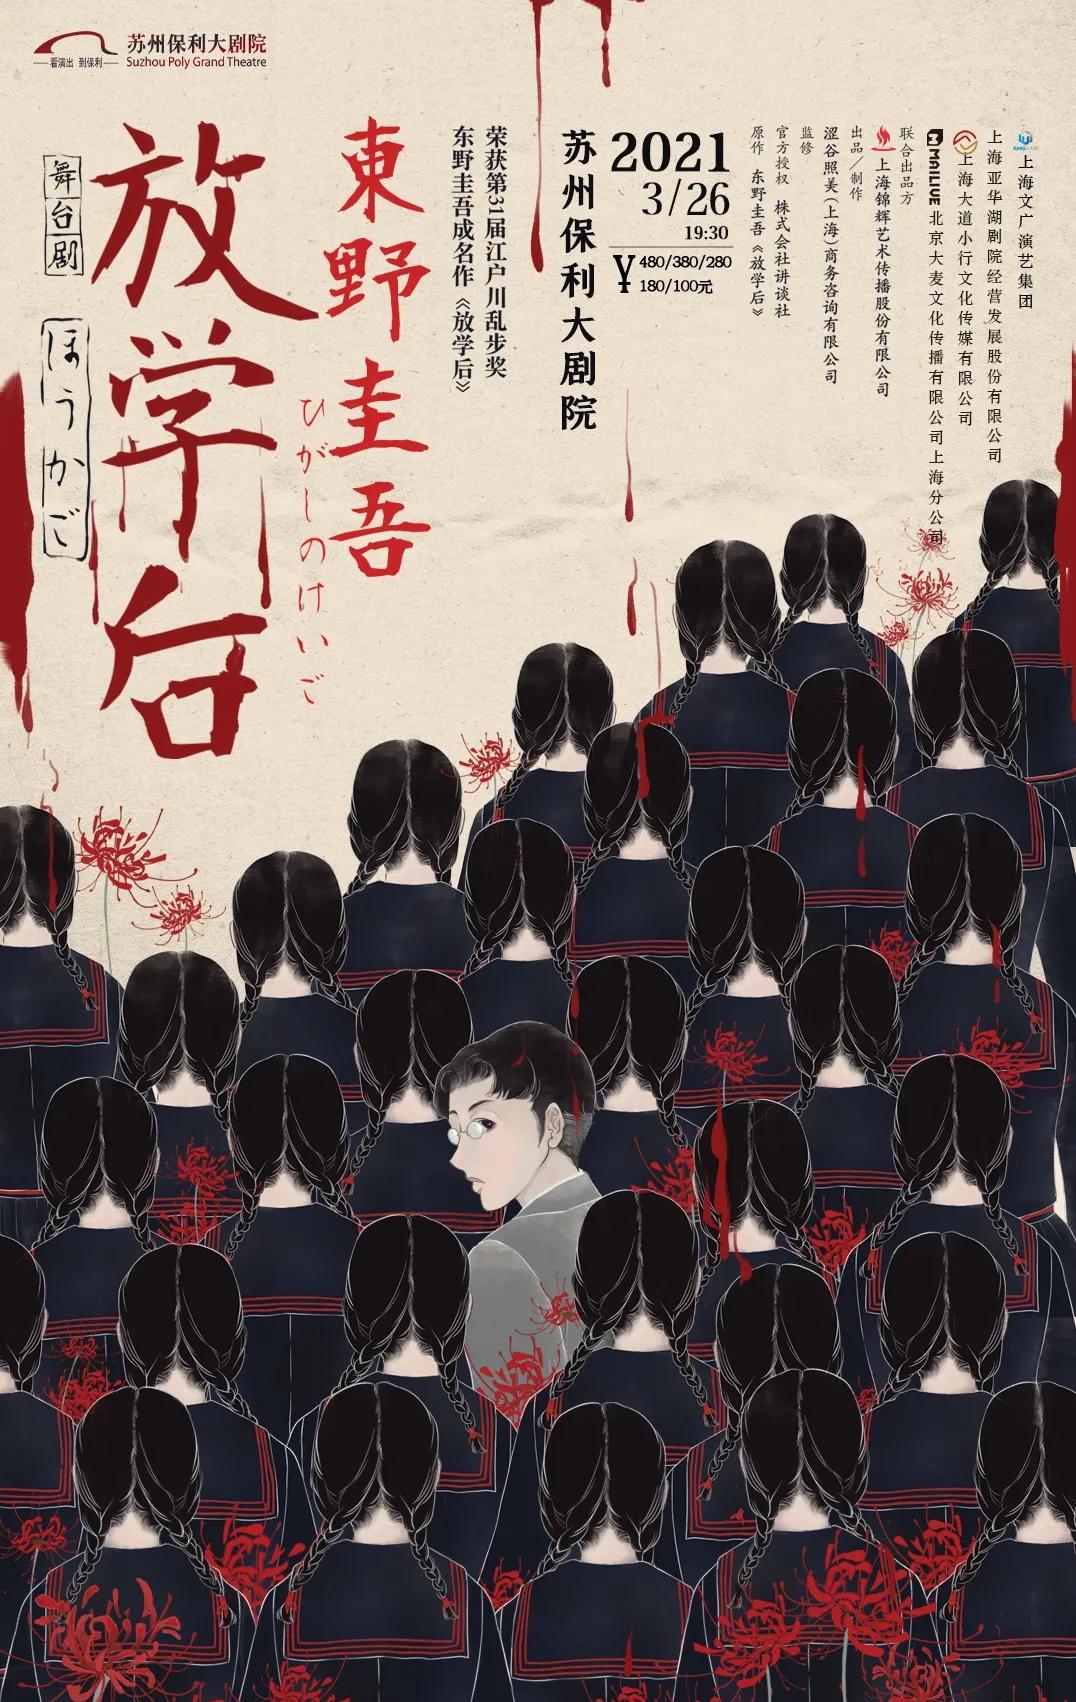 2021东野圭吾成名作品改编·悬疑舞台剧《放学后》-苏州站